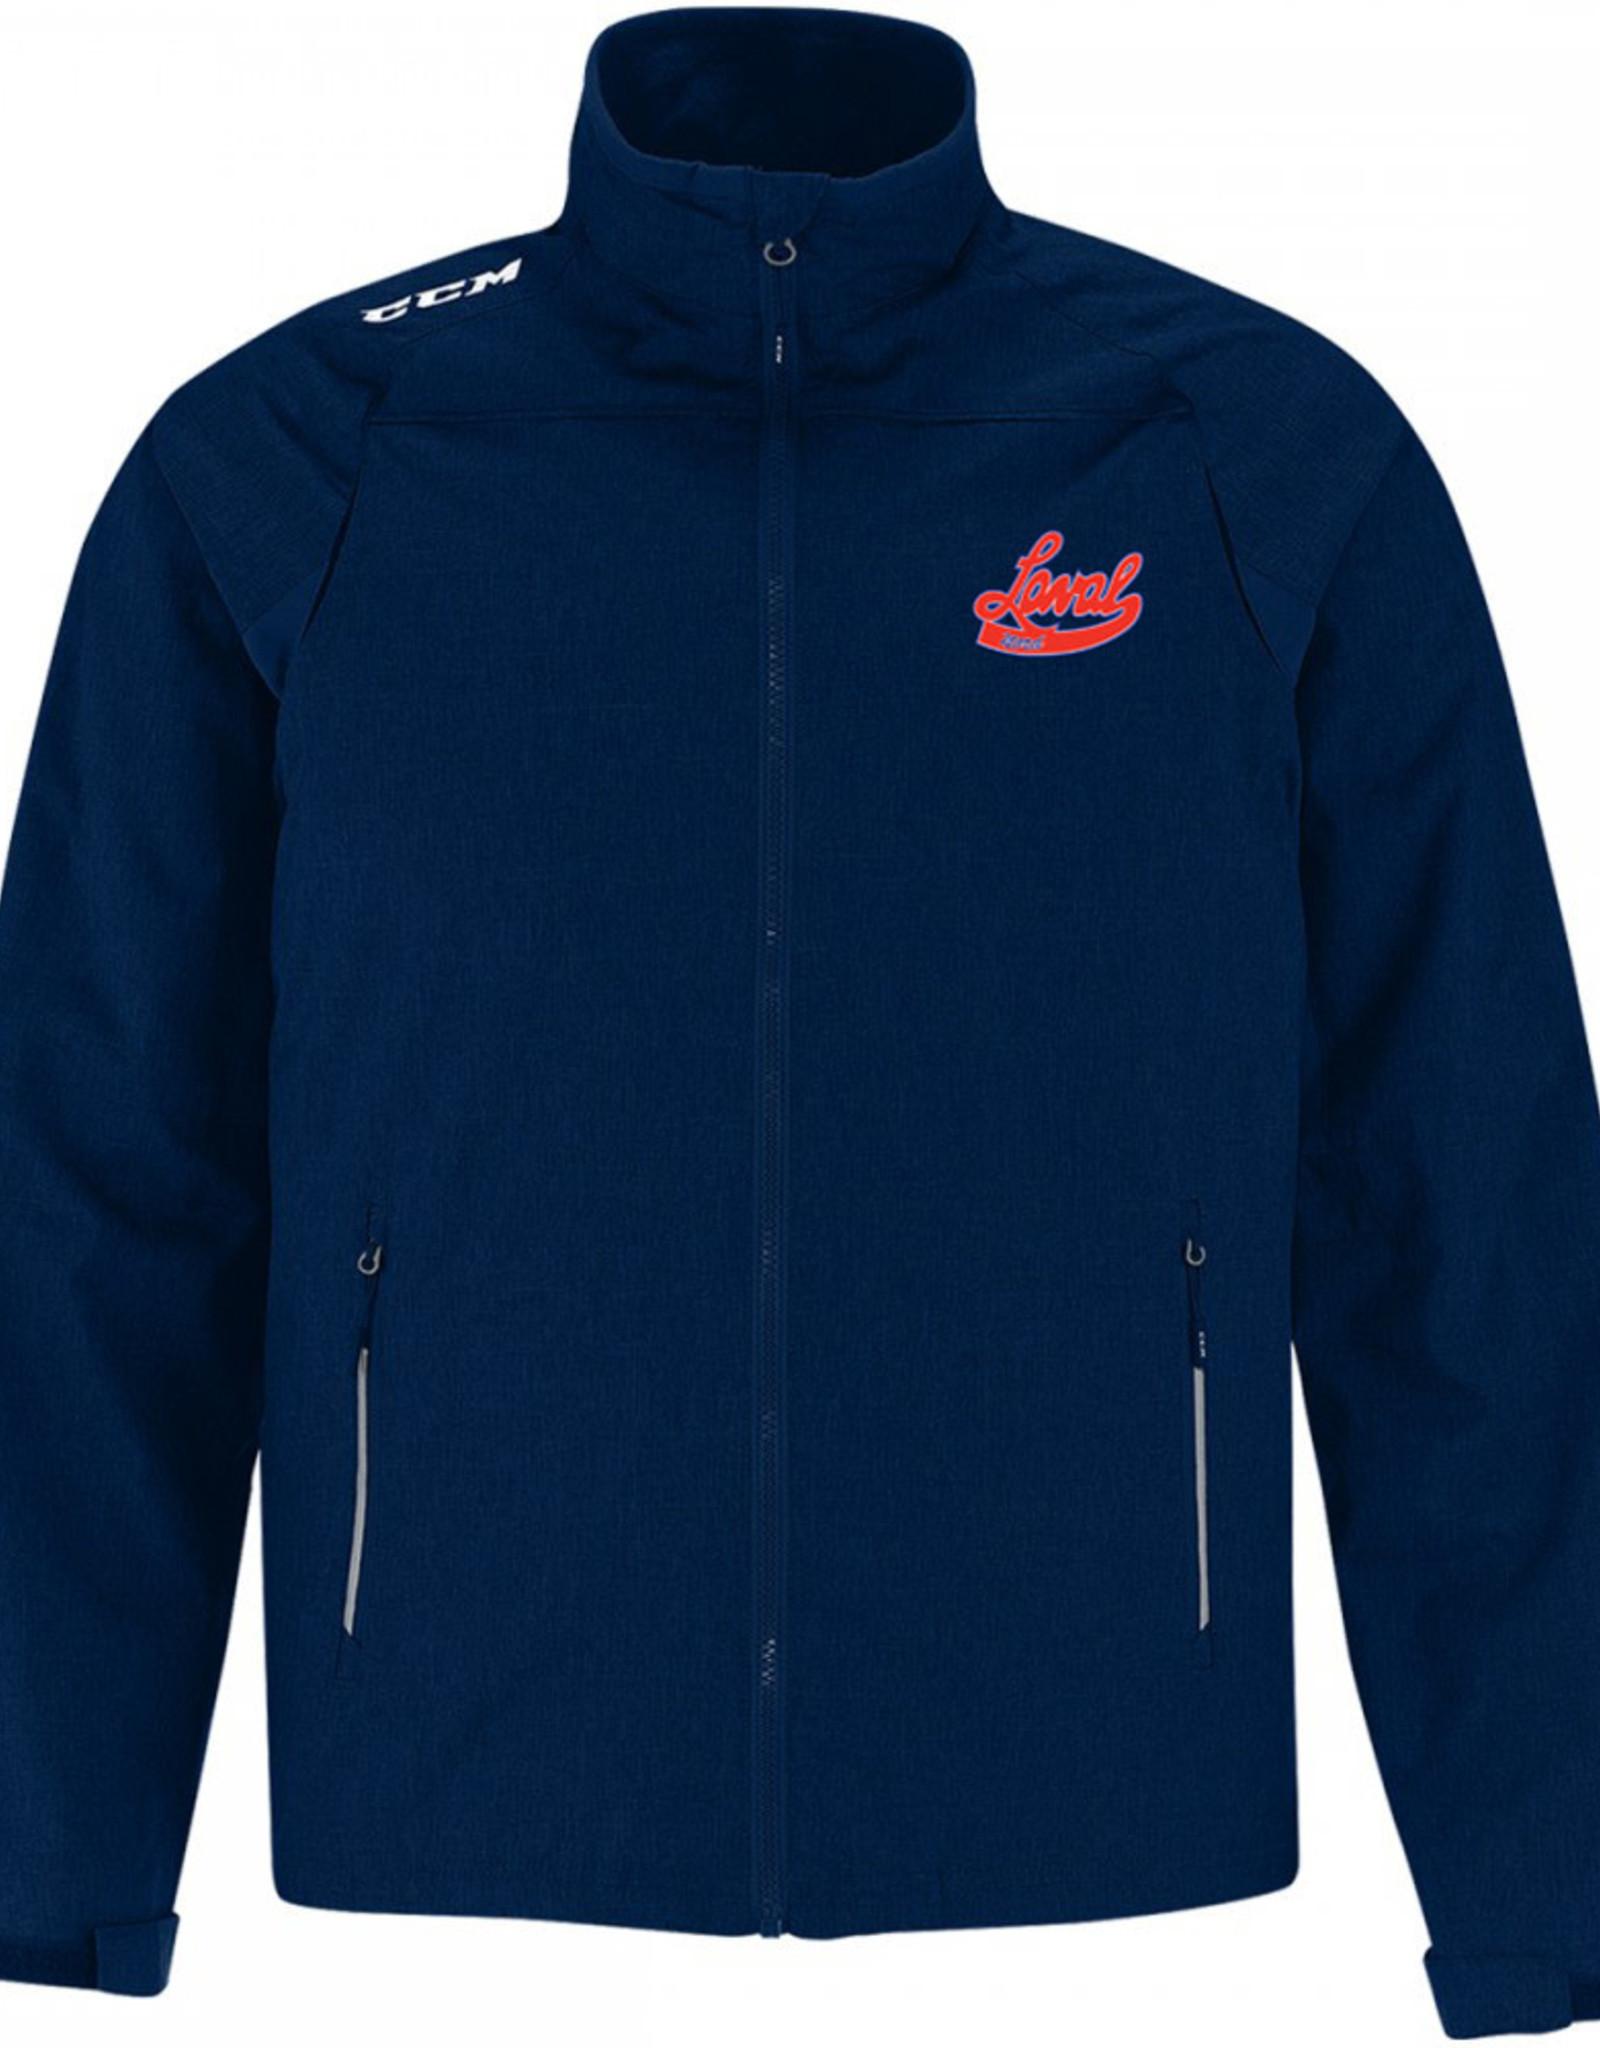 Manteau CCM Premium J5590 (SR) avec Logo LN brodé -marine